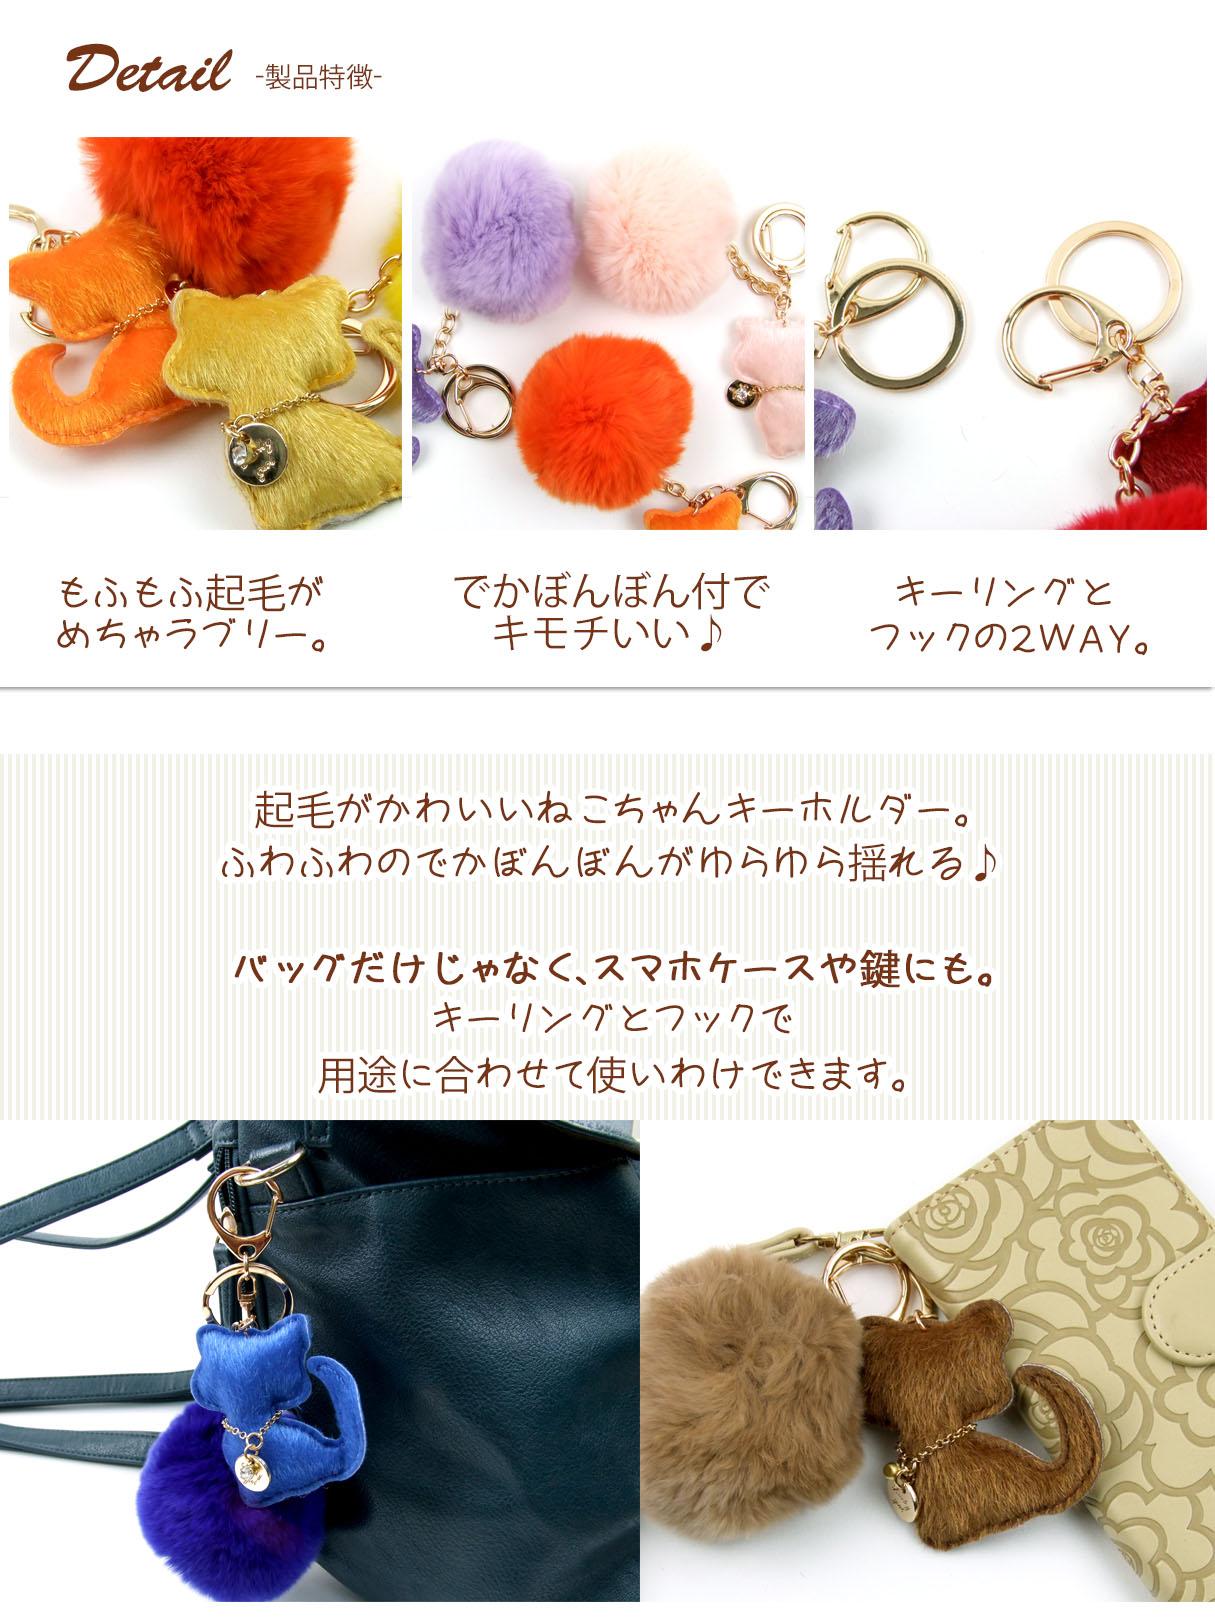 ハラコ風PUレザーとポンポンファーのネコのバッグチャーム